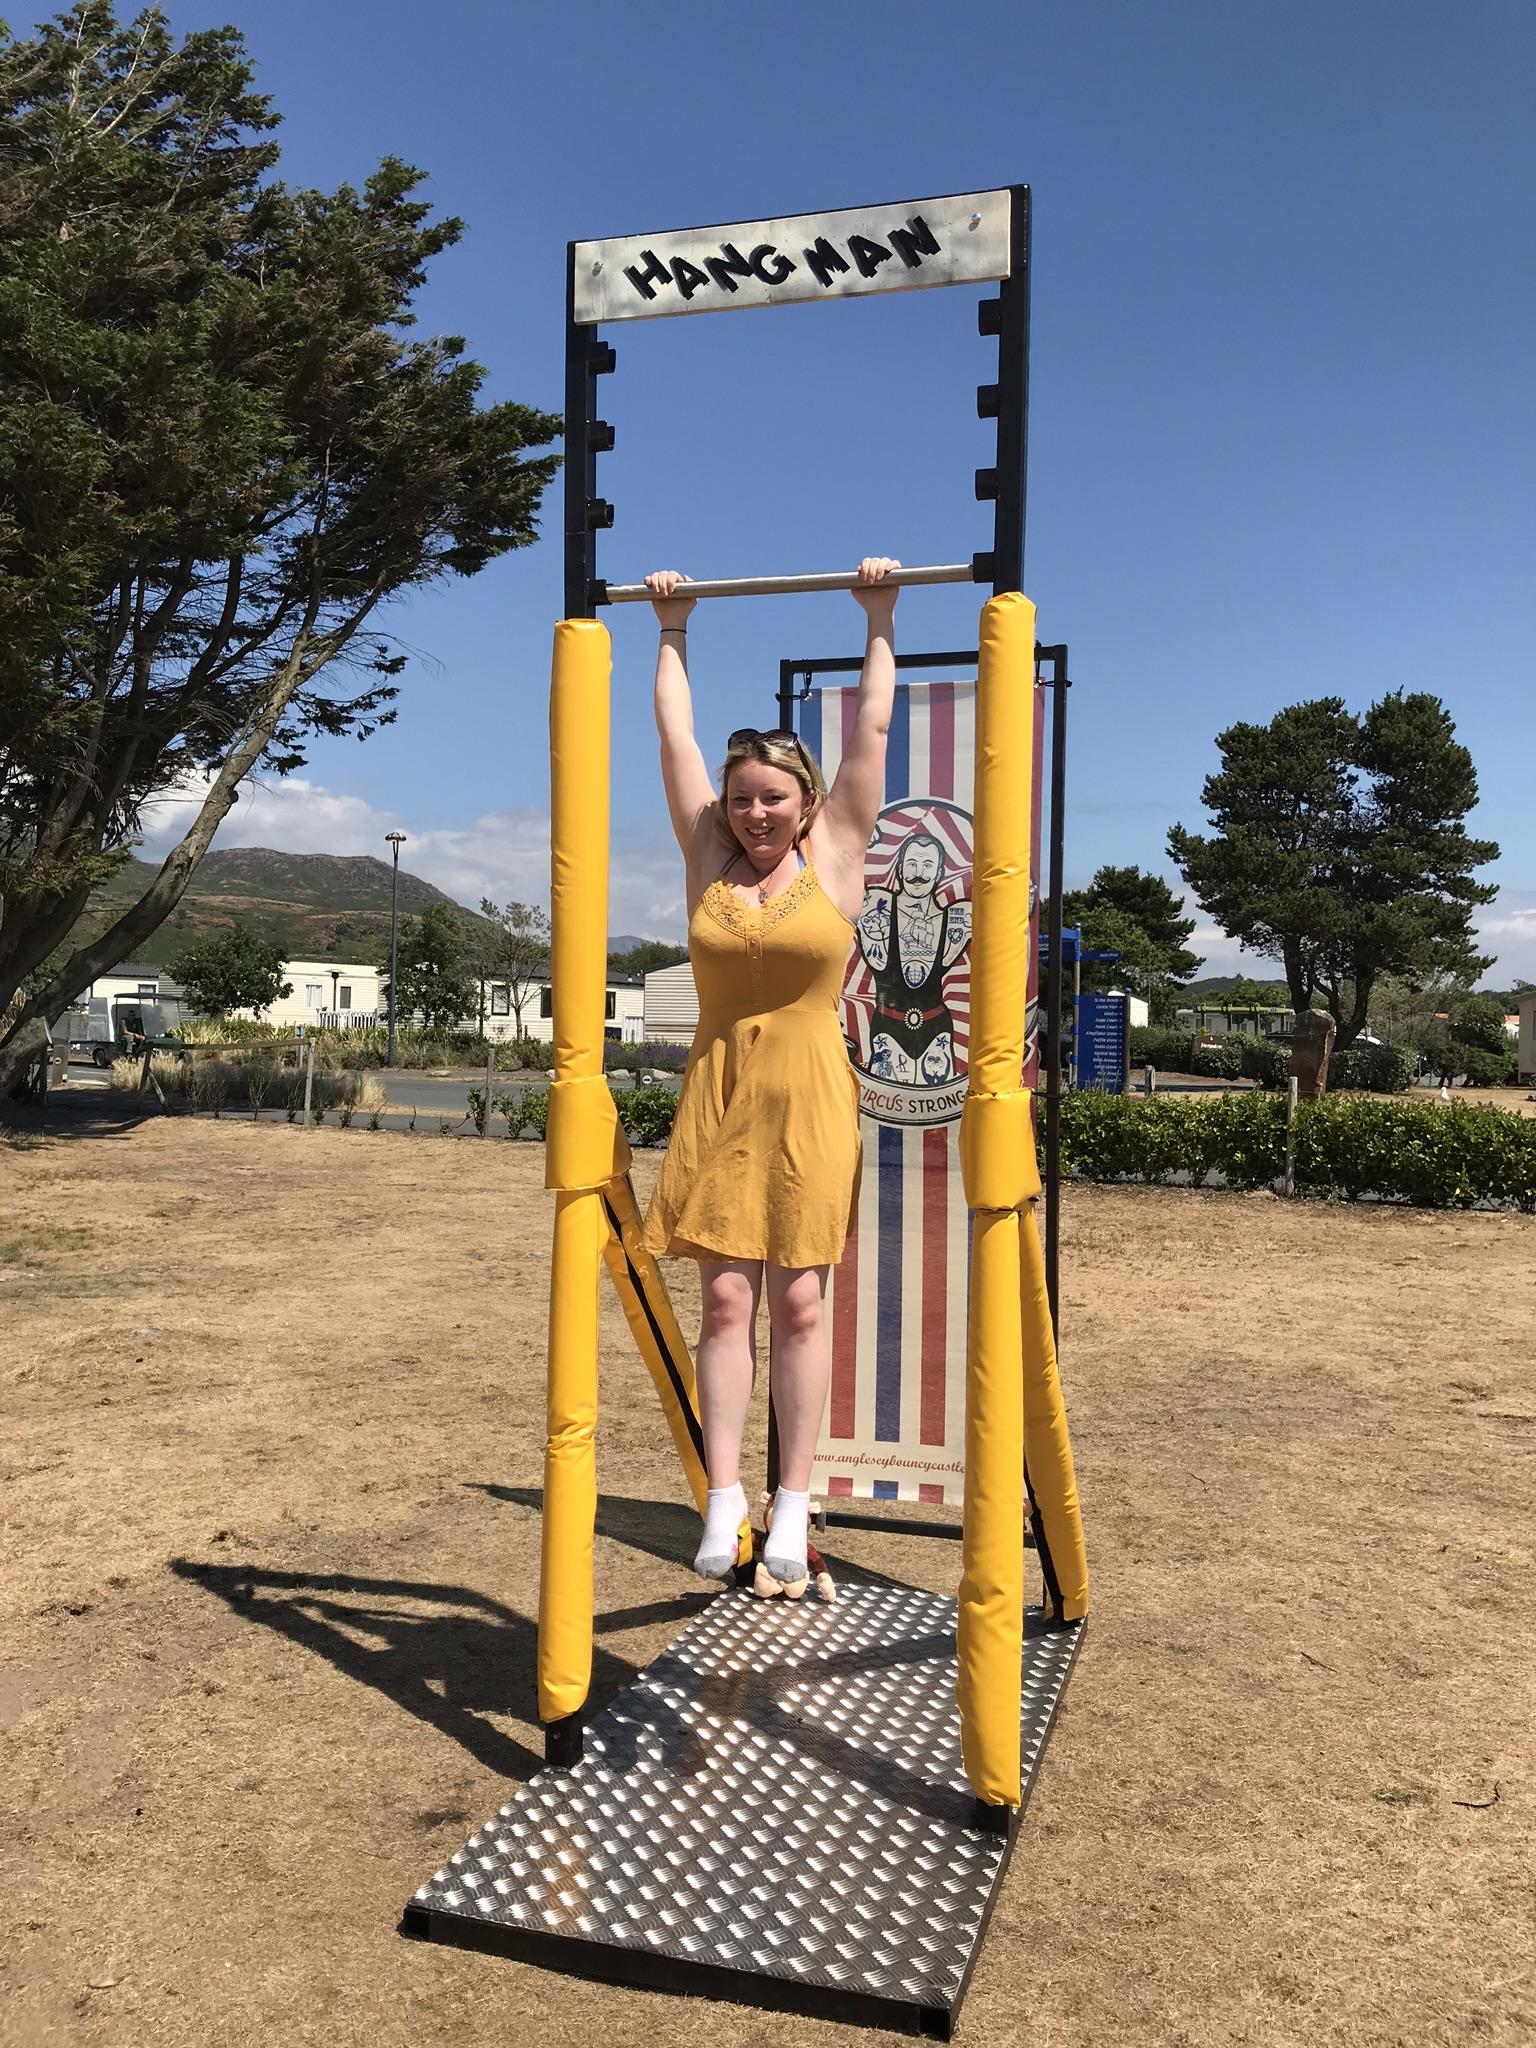 Hang challenge, Hangman game, Anglesey hangman, Anglesey fairground